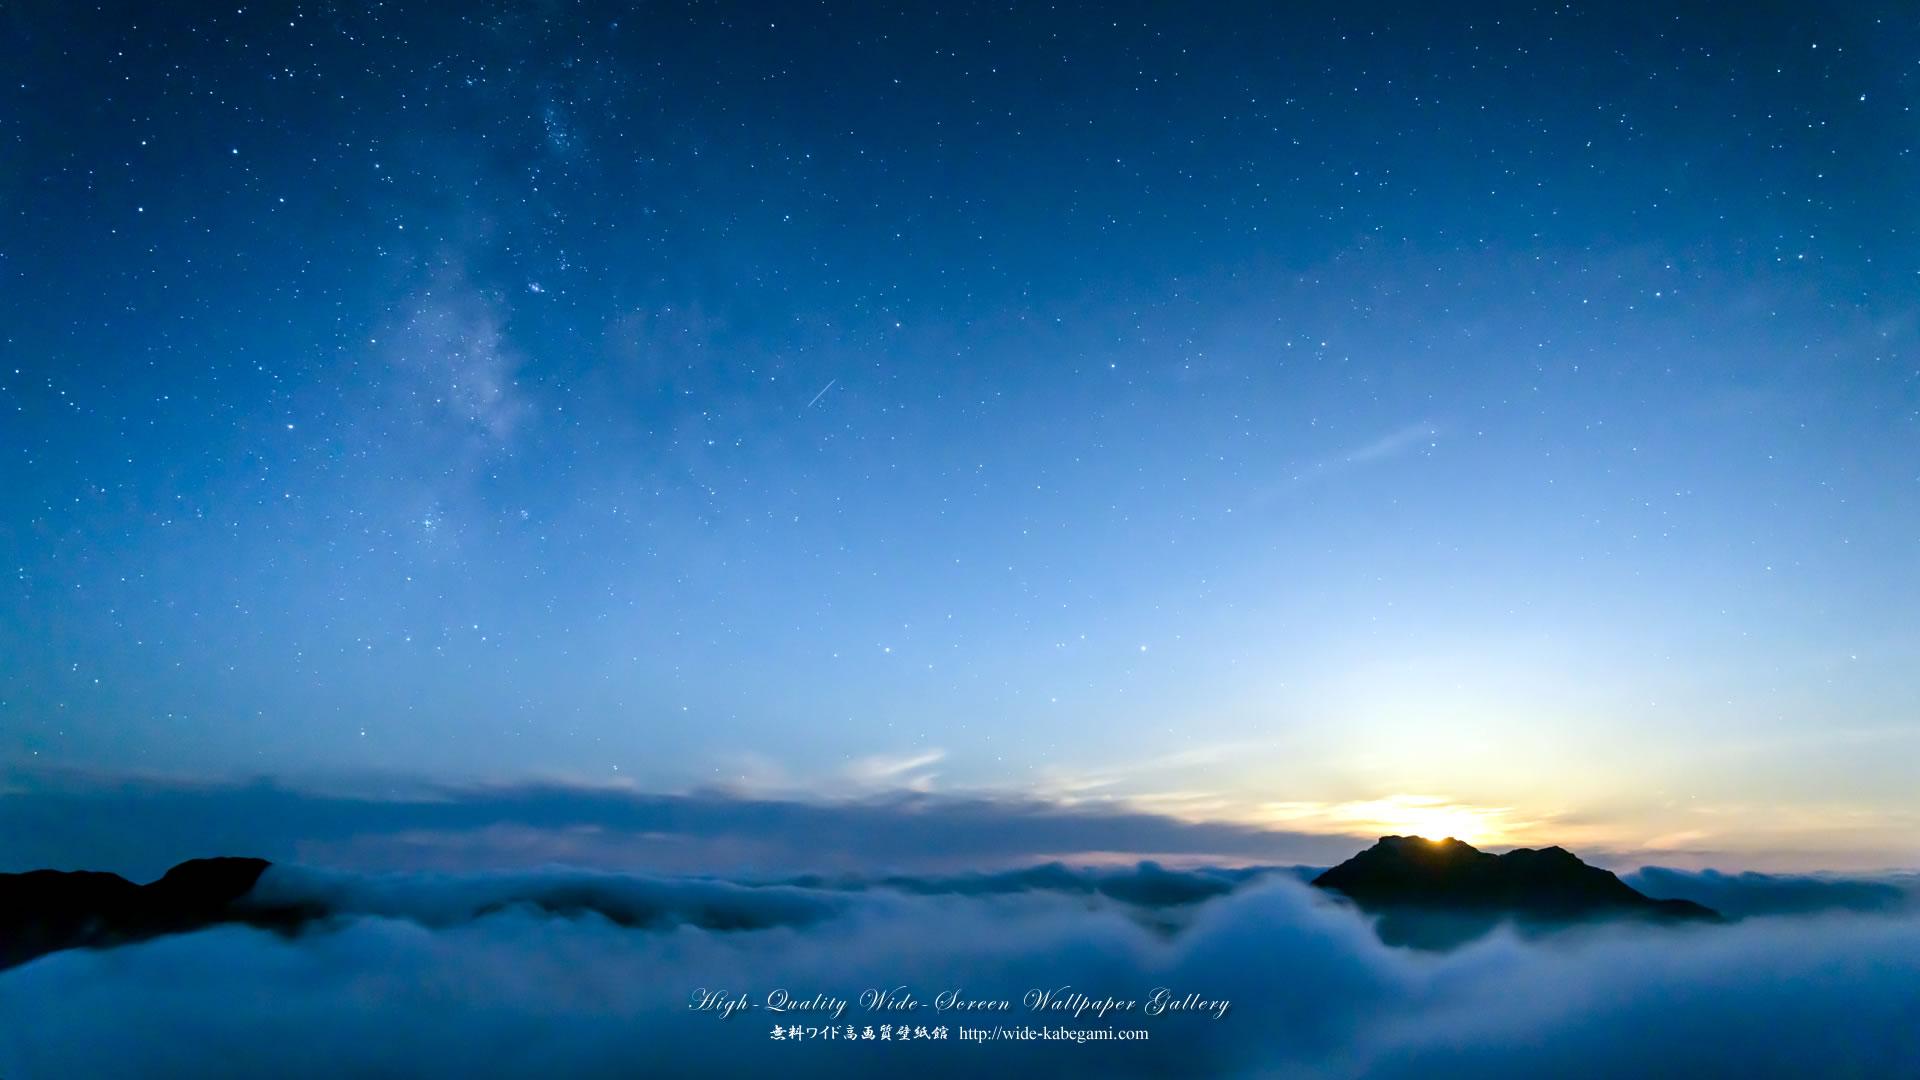 自然風景のワイド壁紙 1920x1080 星瞬く雲海の朝 1 星景写真 無料ワイド高画質壁紙館